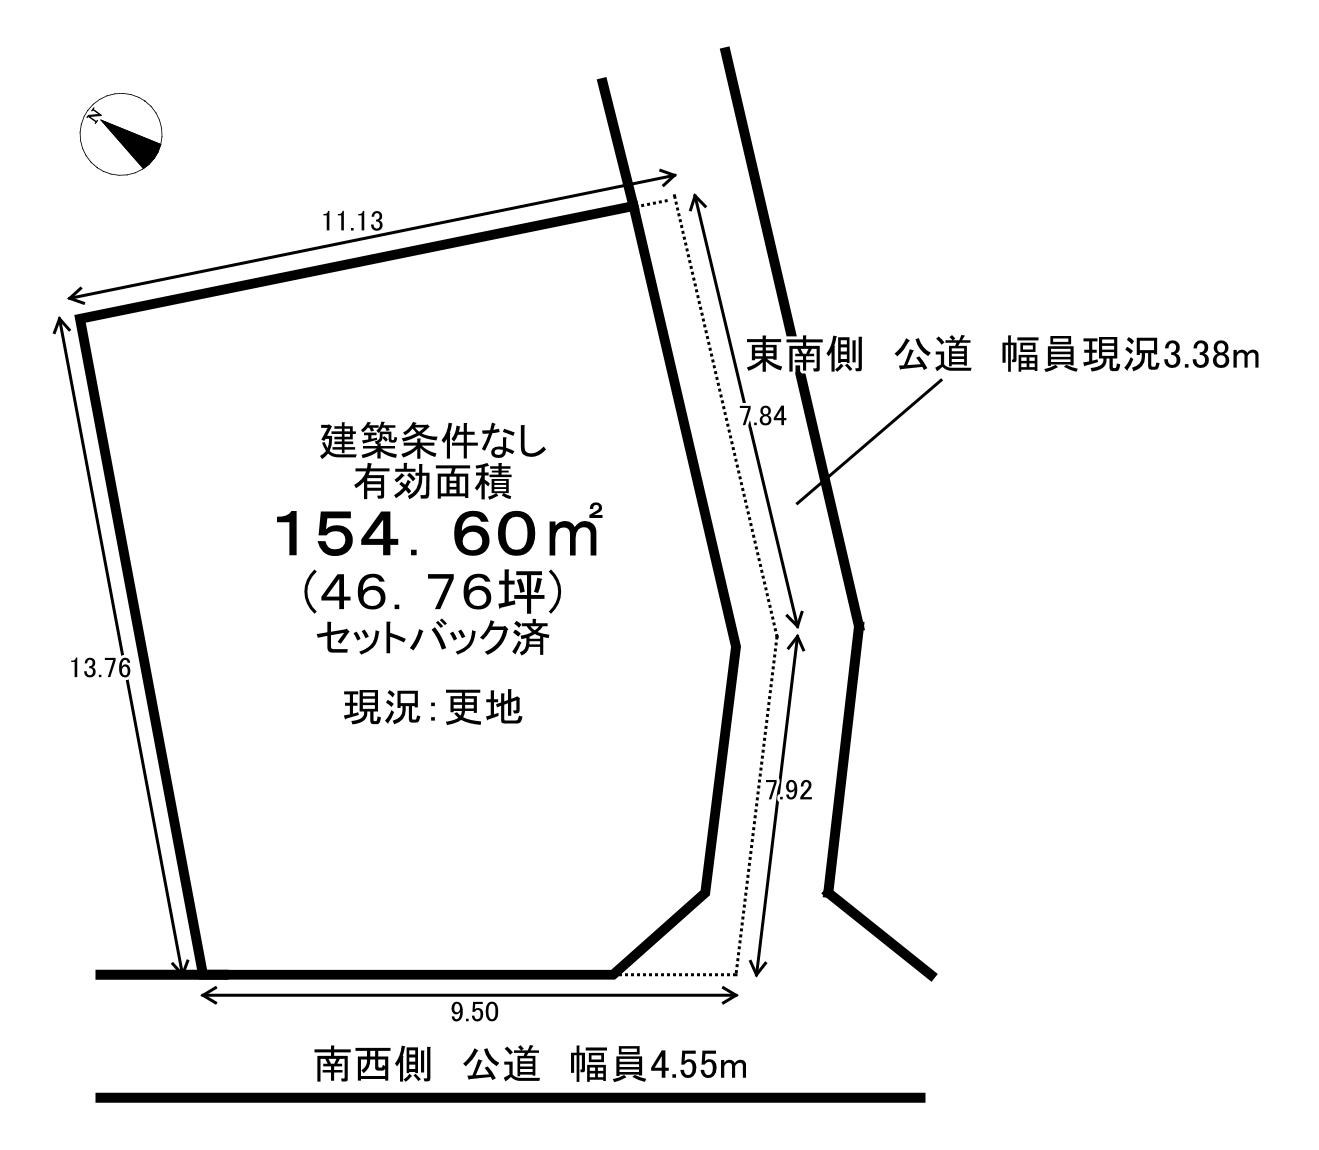 【区画図】 深大寺元町3丁目の売土地物件です。